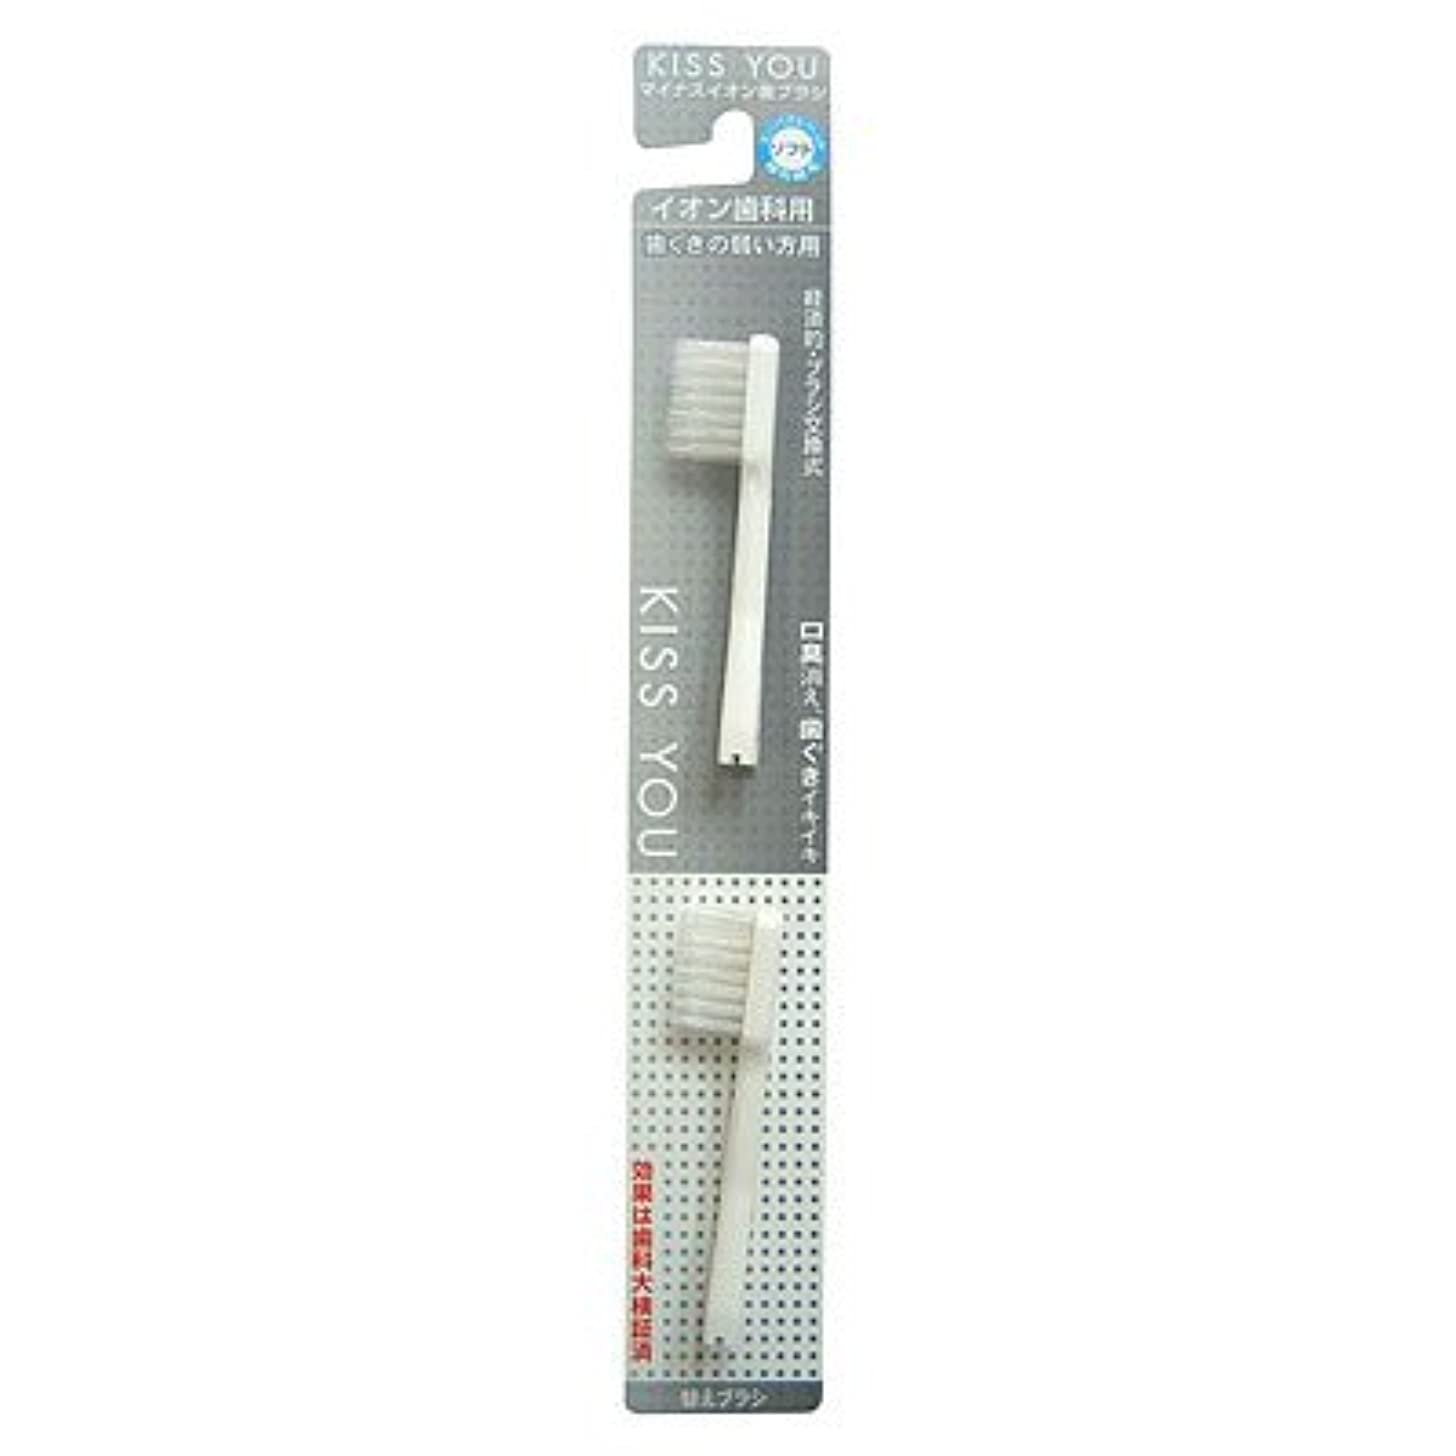 潤滑する狂気中央キスユーイオン歯科用替えブラシ ソフト